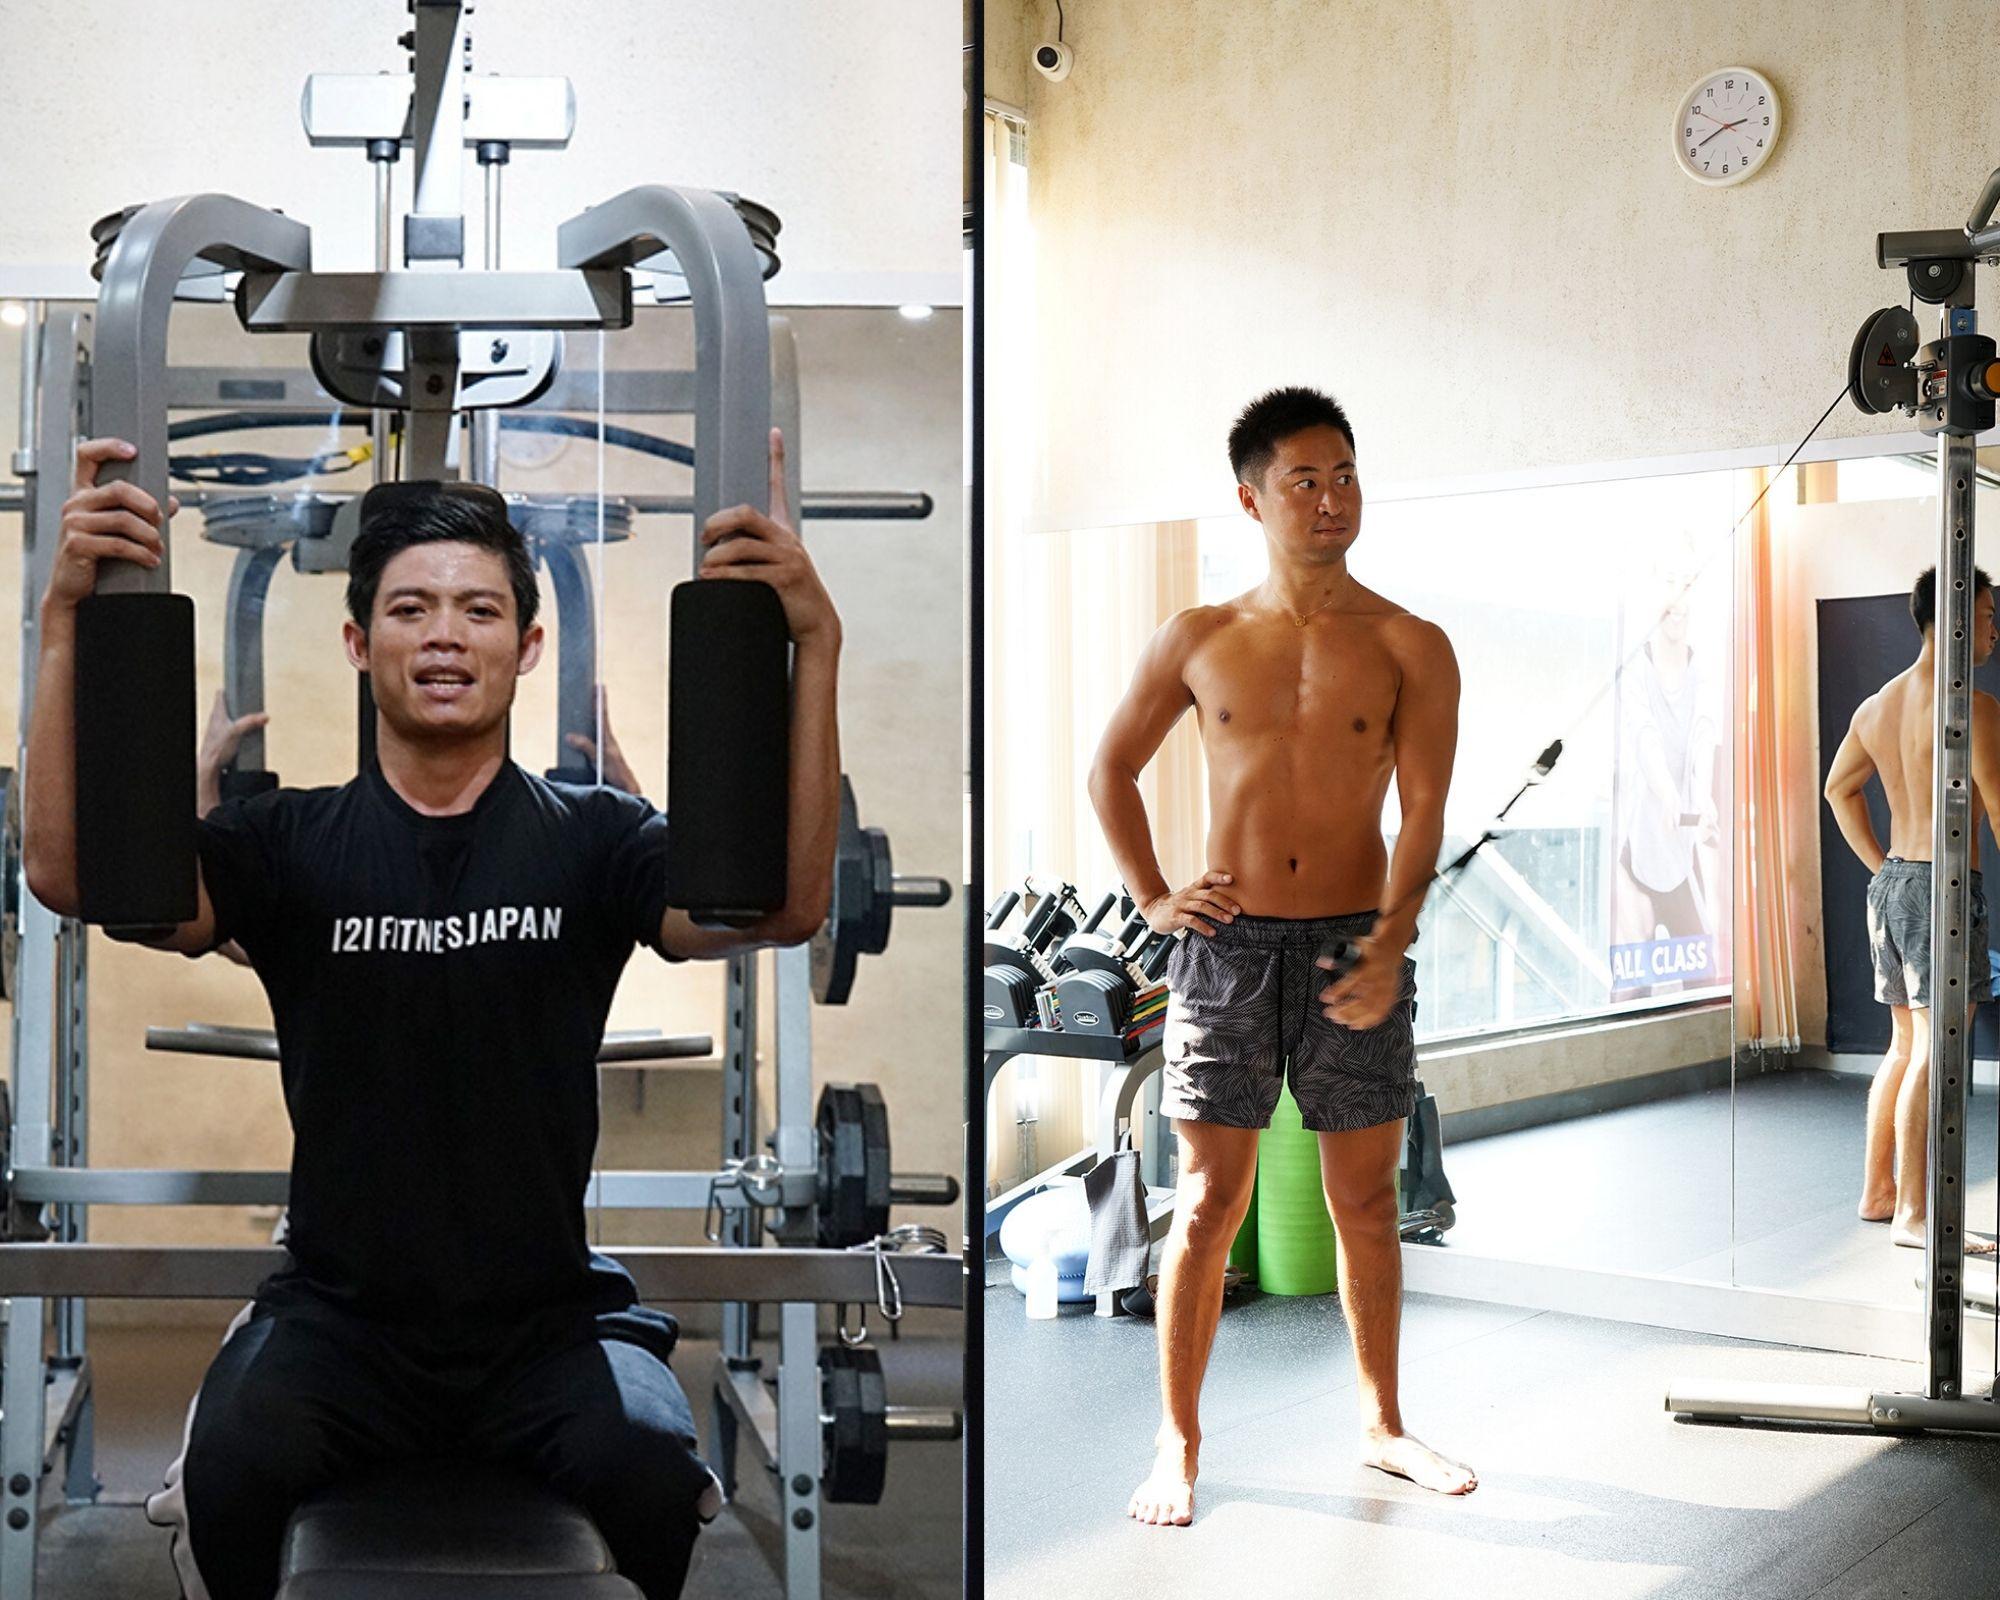 Bedanya Orang Indonesia dan Jepang Saat Ikuti Program Fitness